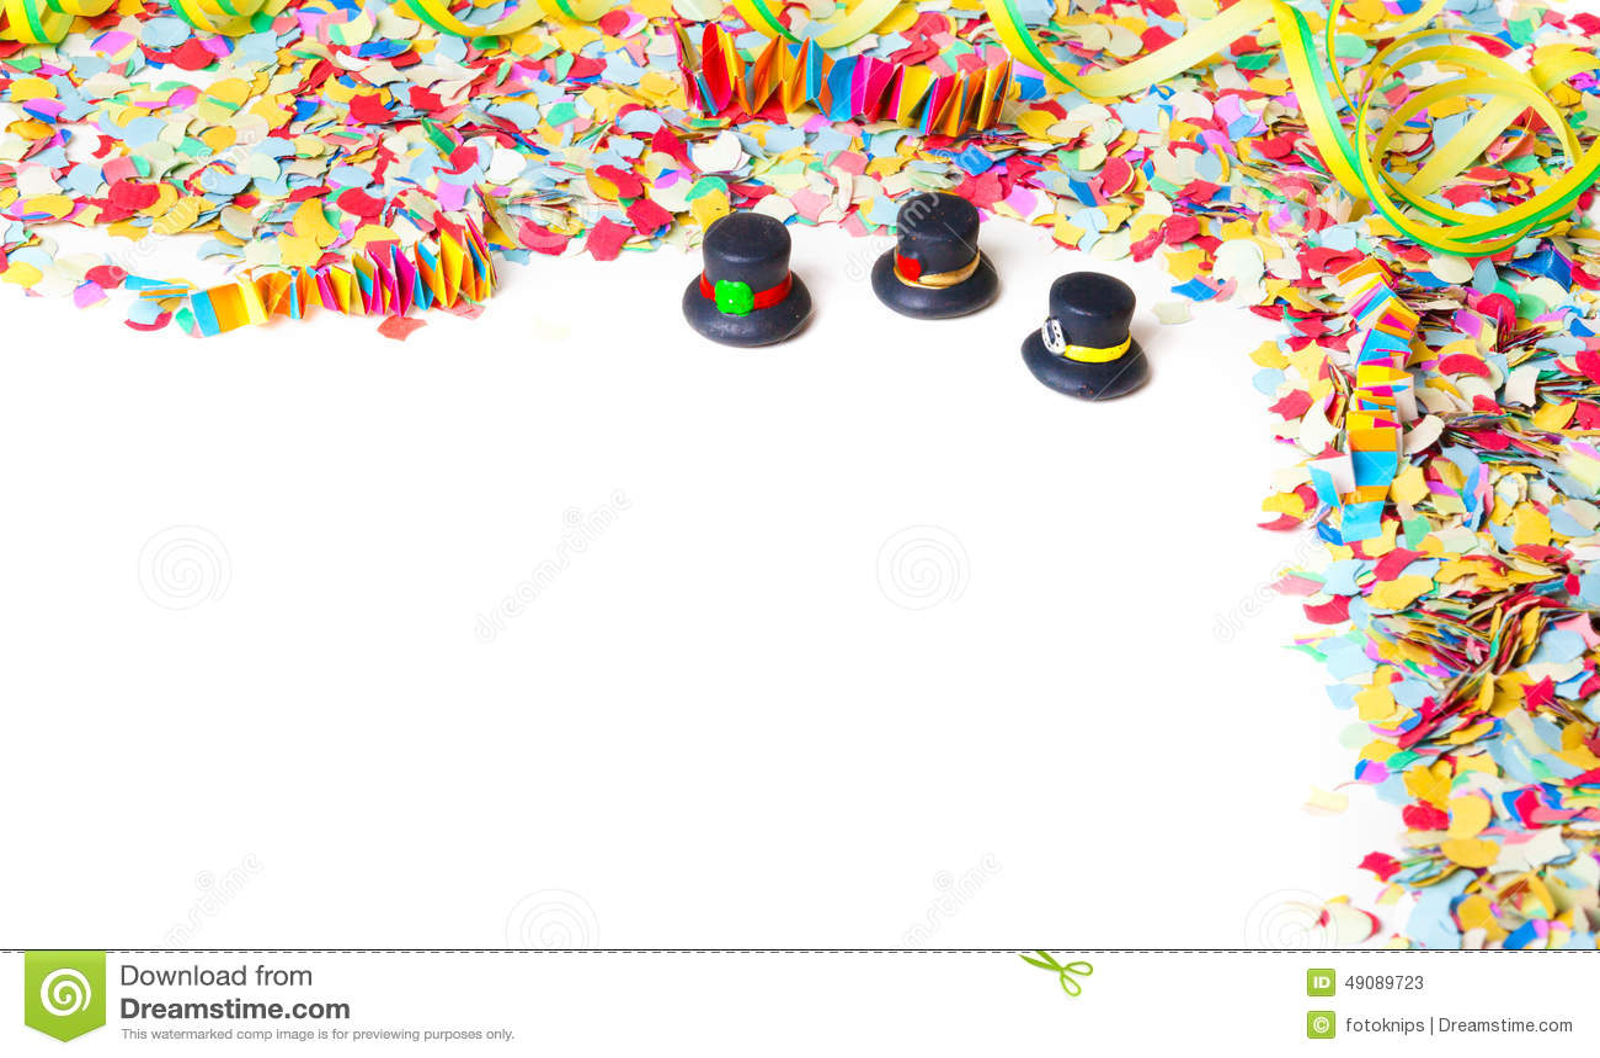 karneval, konfetti, partei, hintergrund stockfoto - bild: 49089723, Einladungen